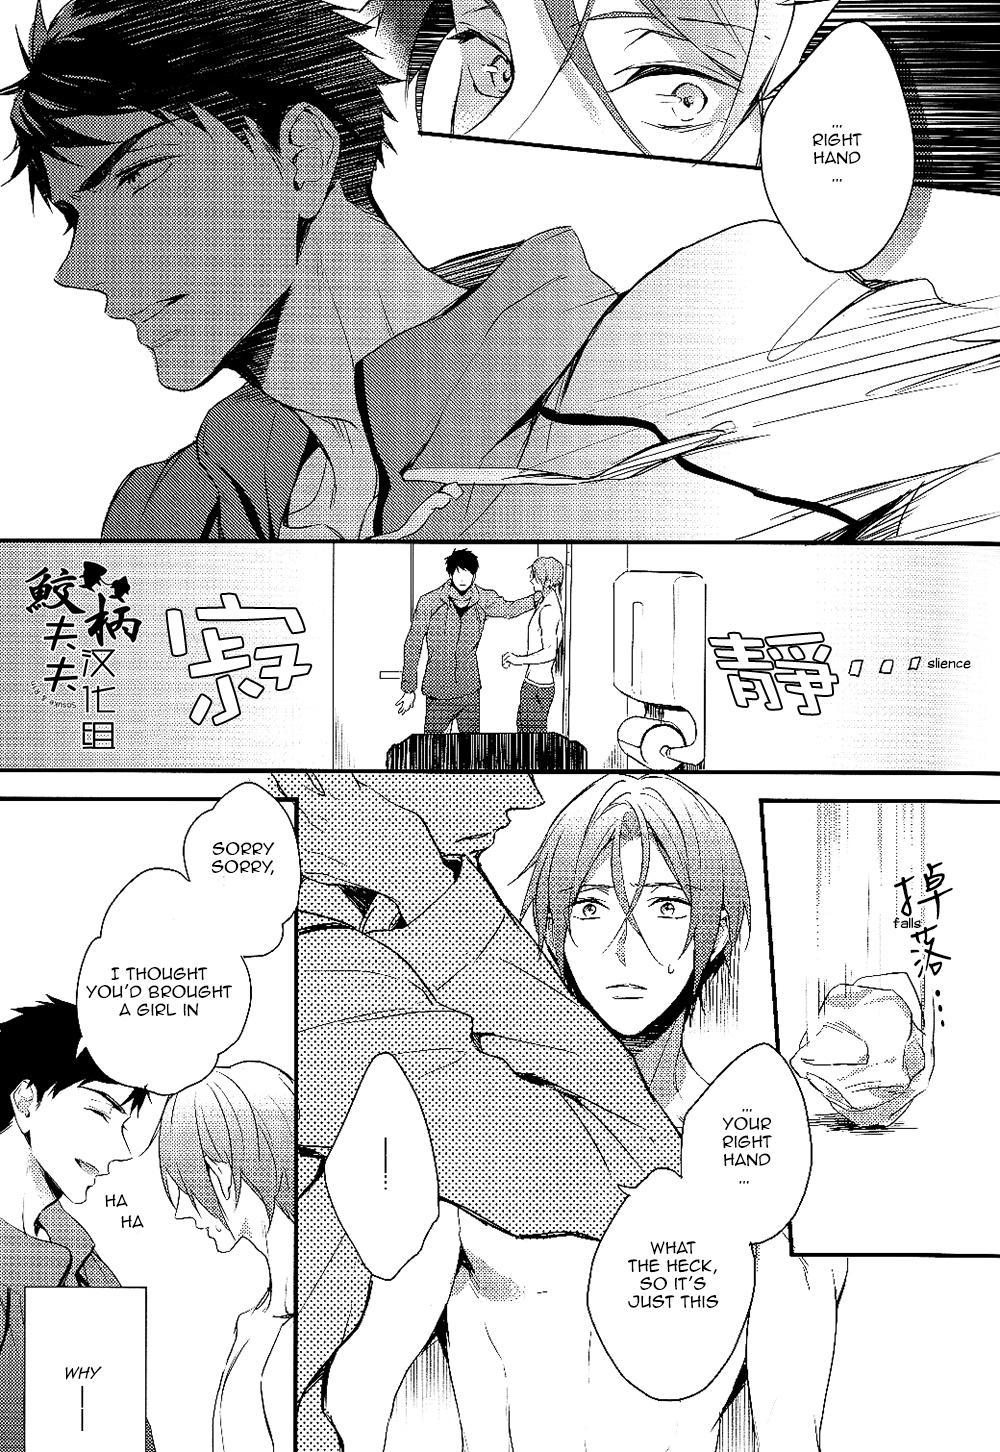 Yasashii Dokusen Yoku Kouhen | Gentle Possessiveness sequel 19